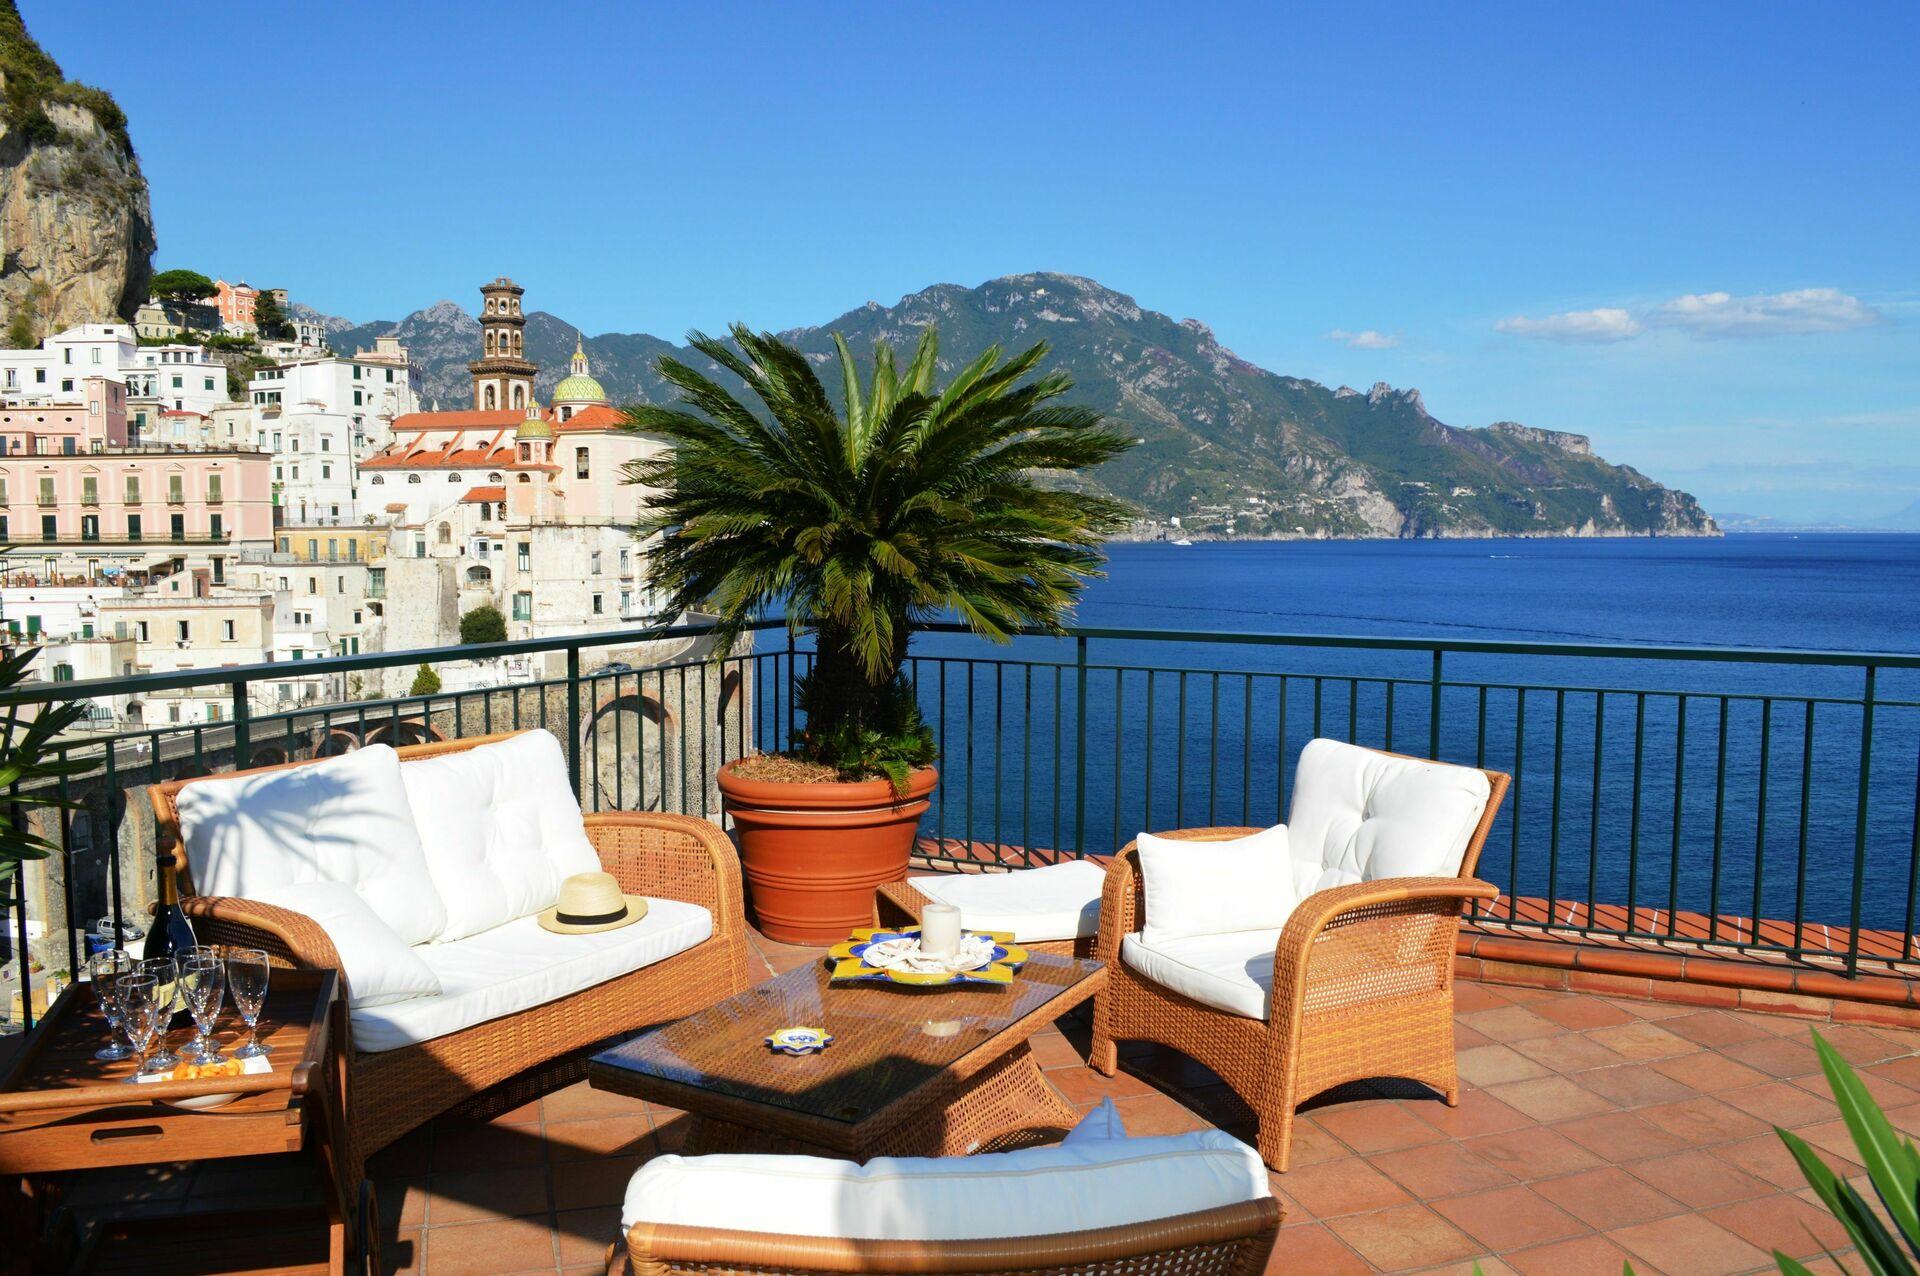 La Terrazza Di Atrani, Appartamento vacanza a Atrani, Campania - 6 ...